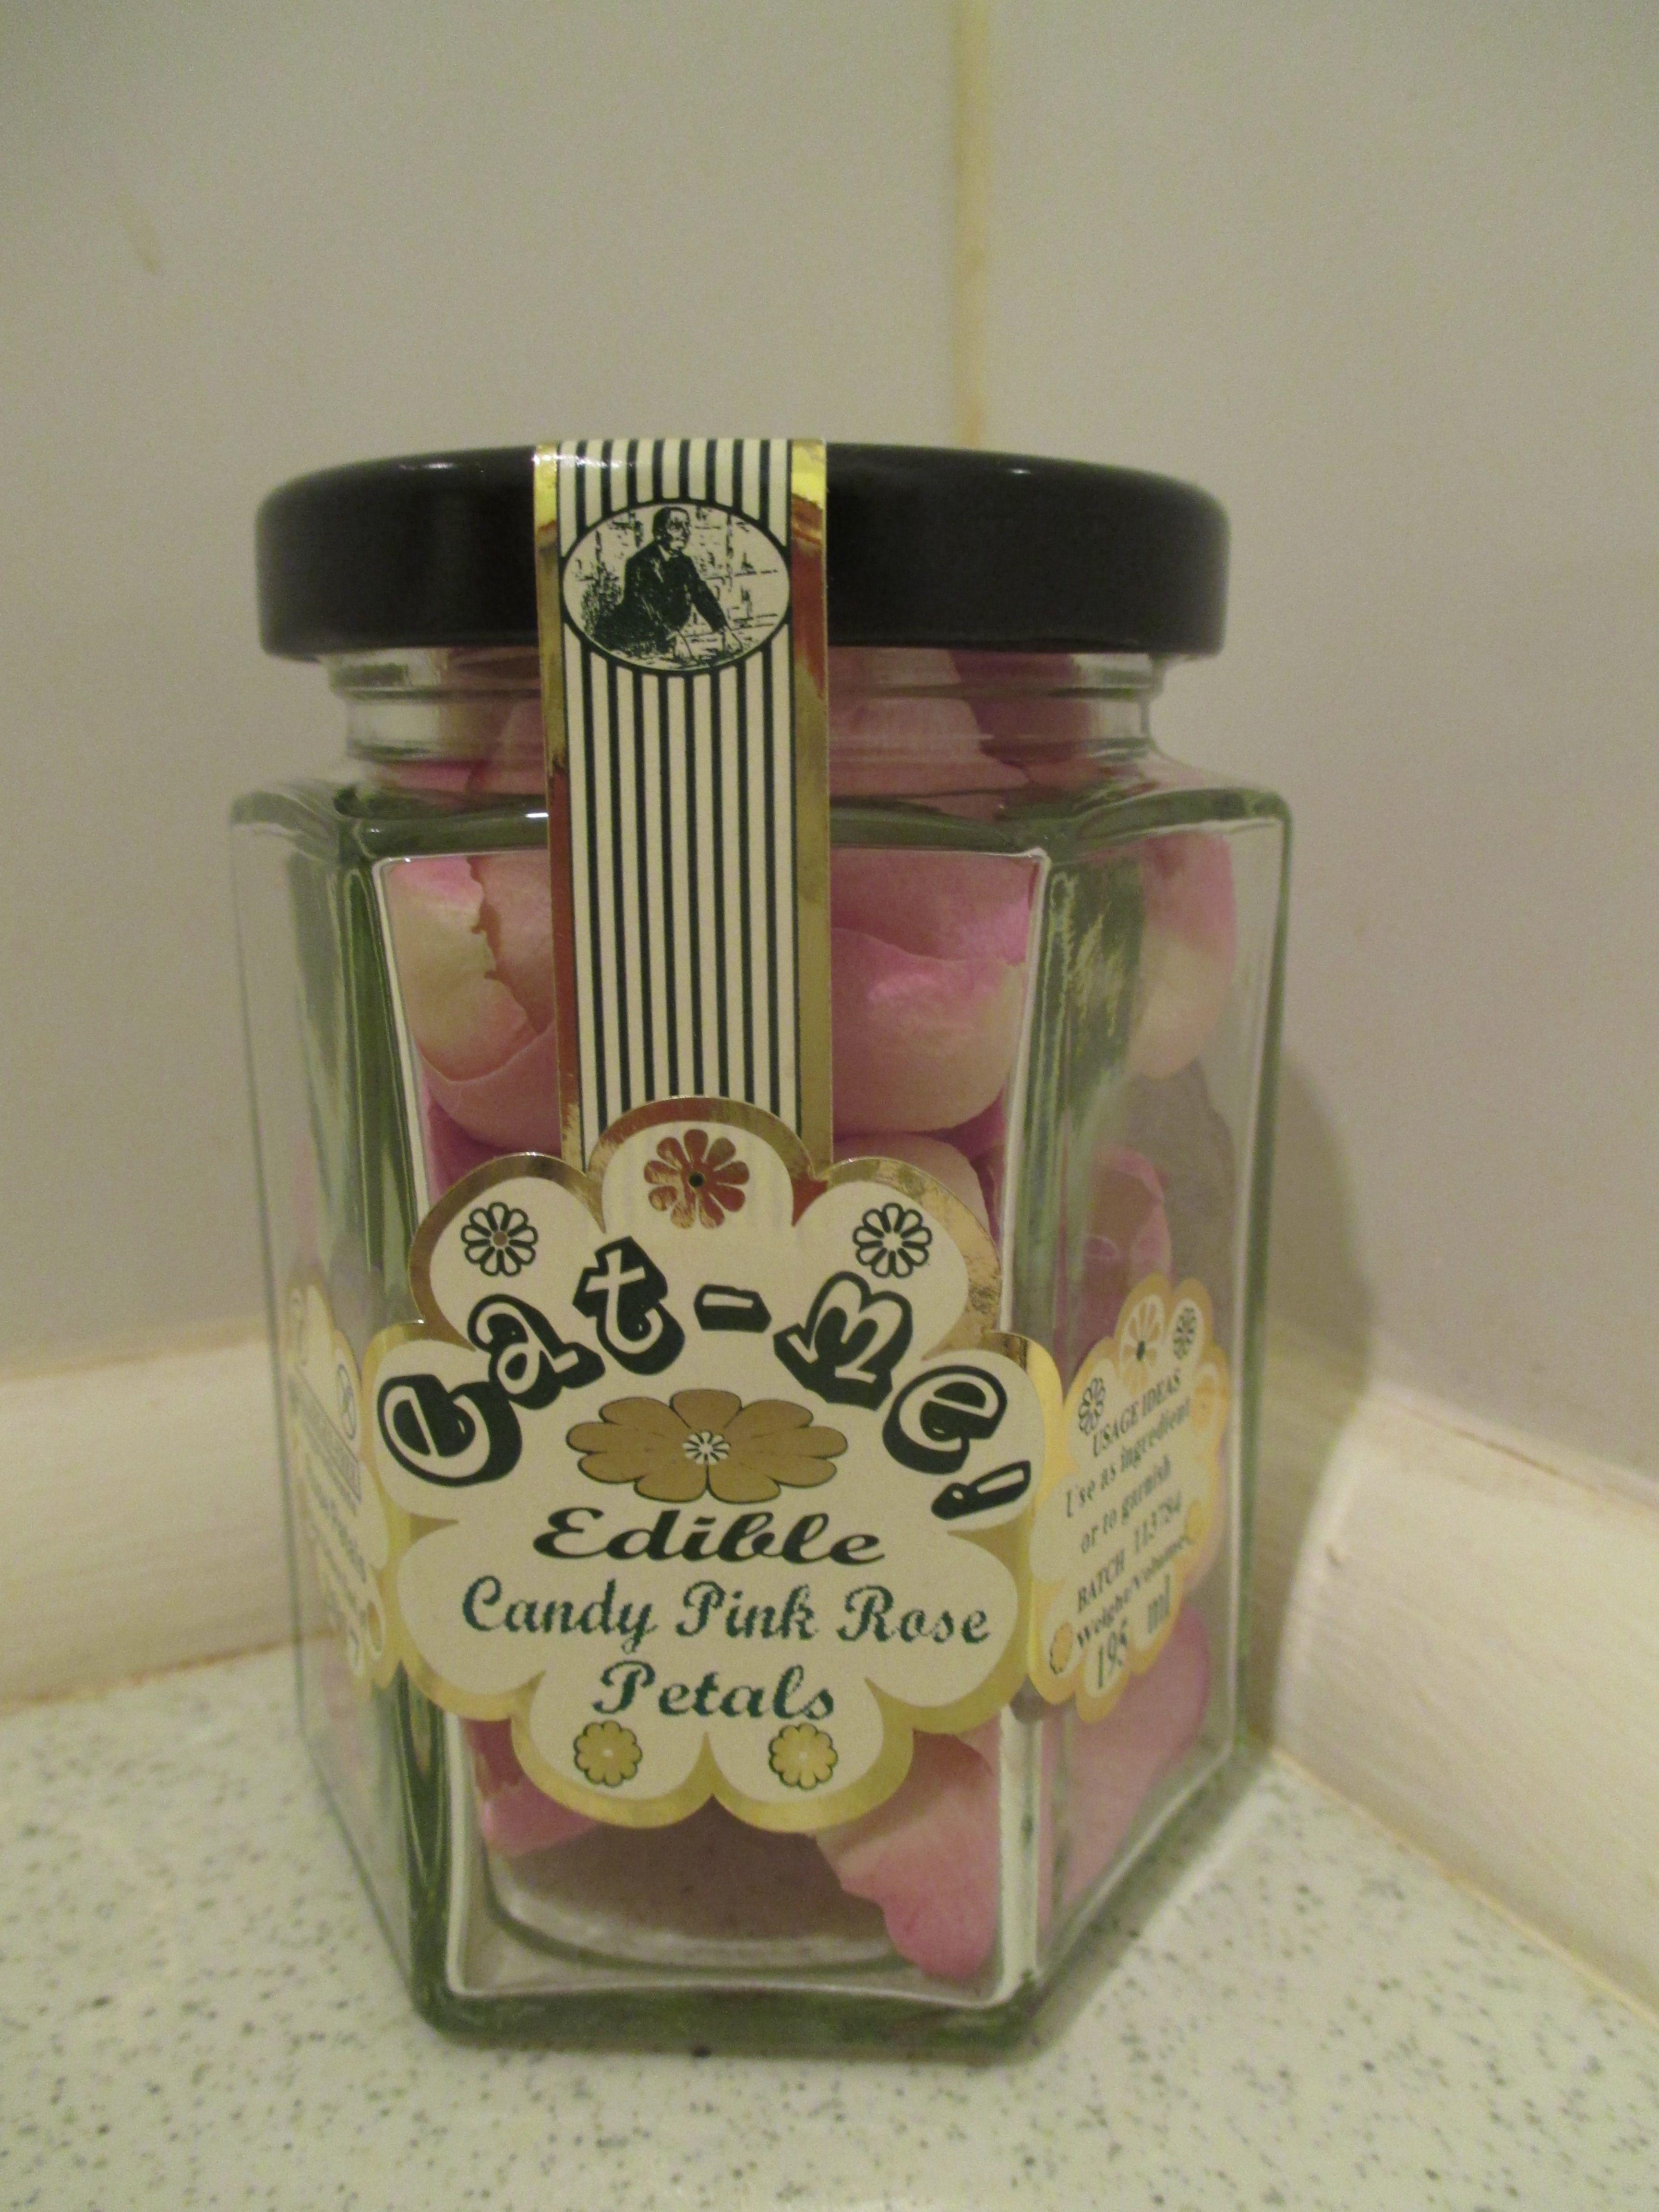 Edible rose petals (Užitni cvetni listi vrtnice) 195ml/5